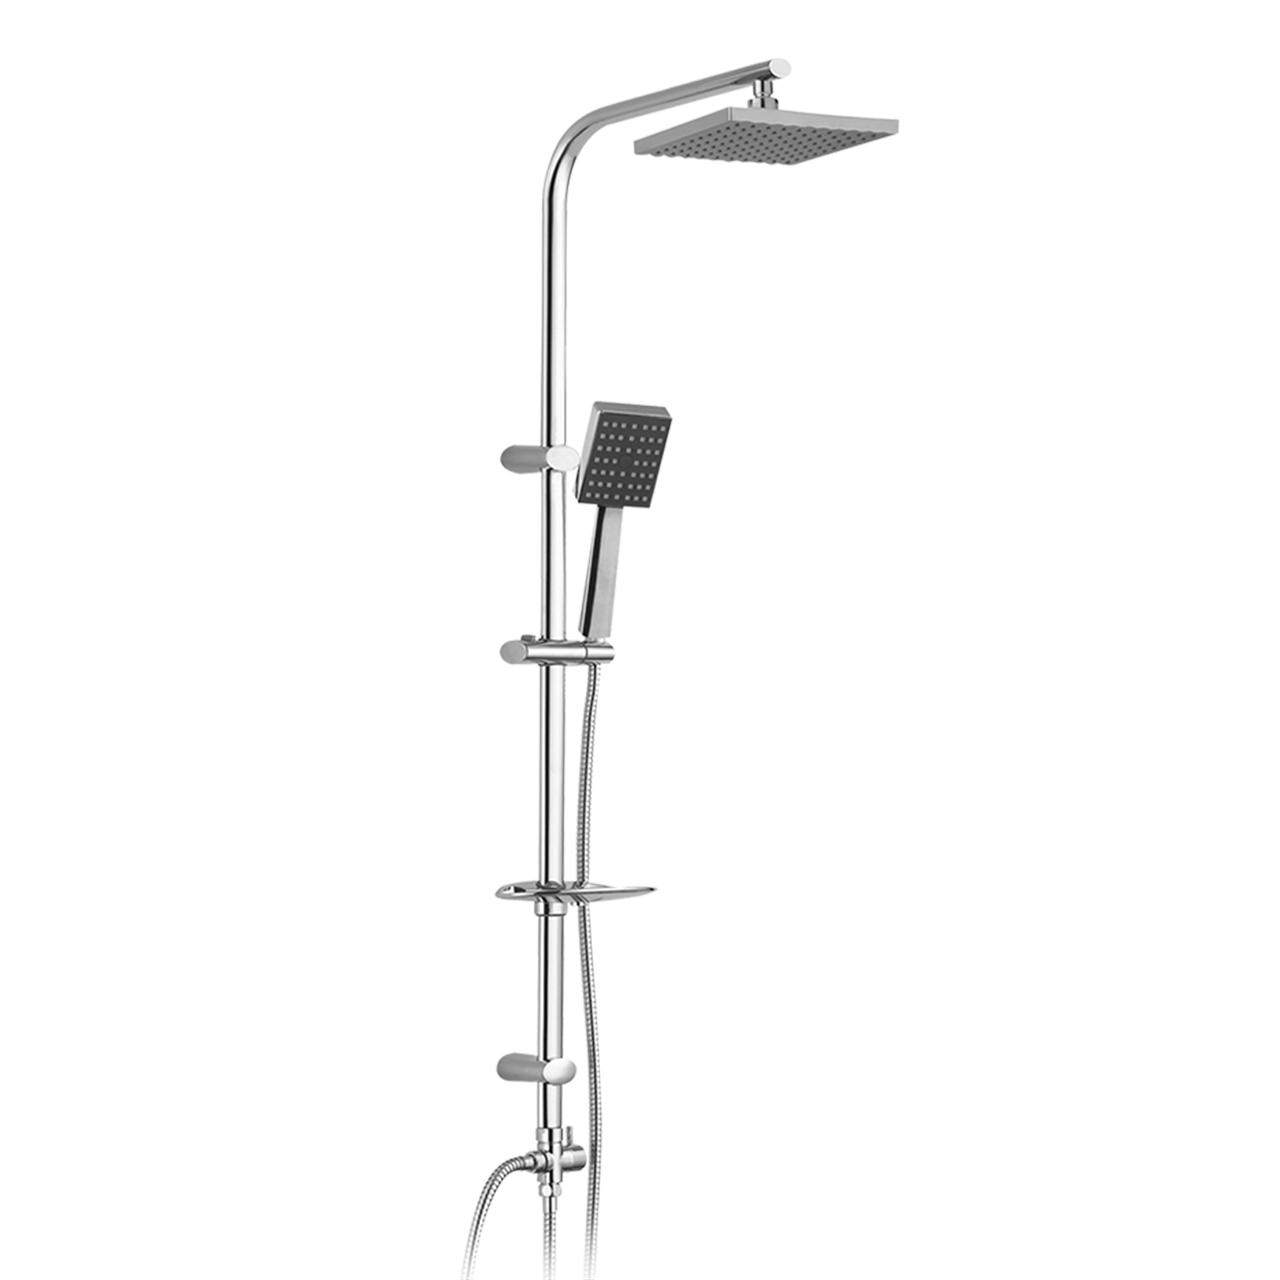 دوش حمام سیتکو مدل 1030              خرید و قیمت